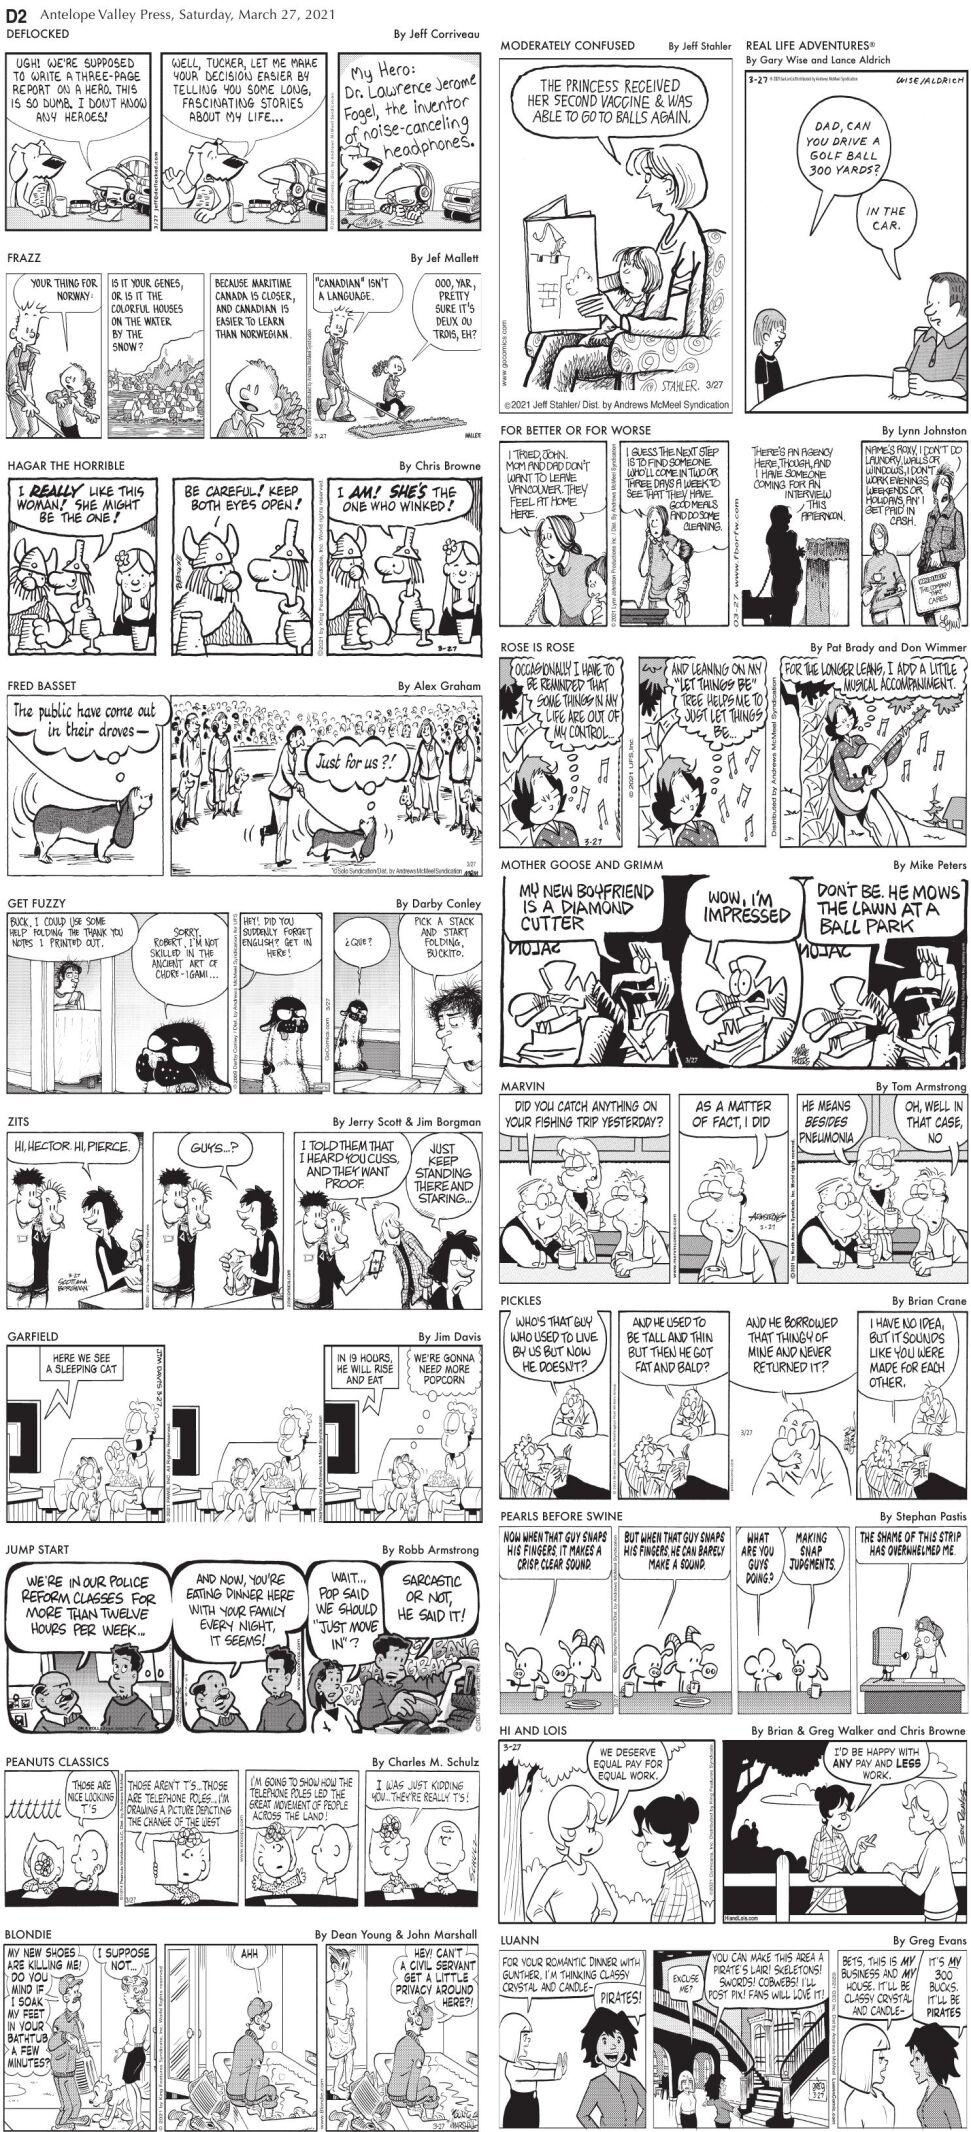 Comics, March 27, 2021